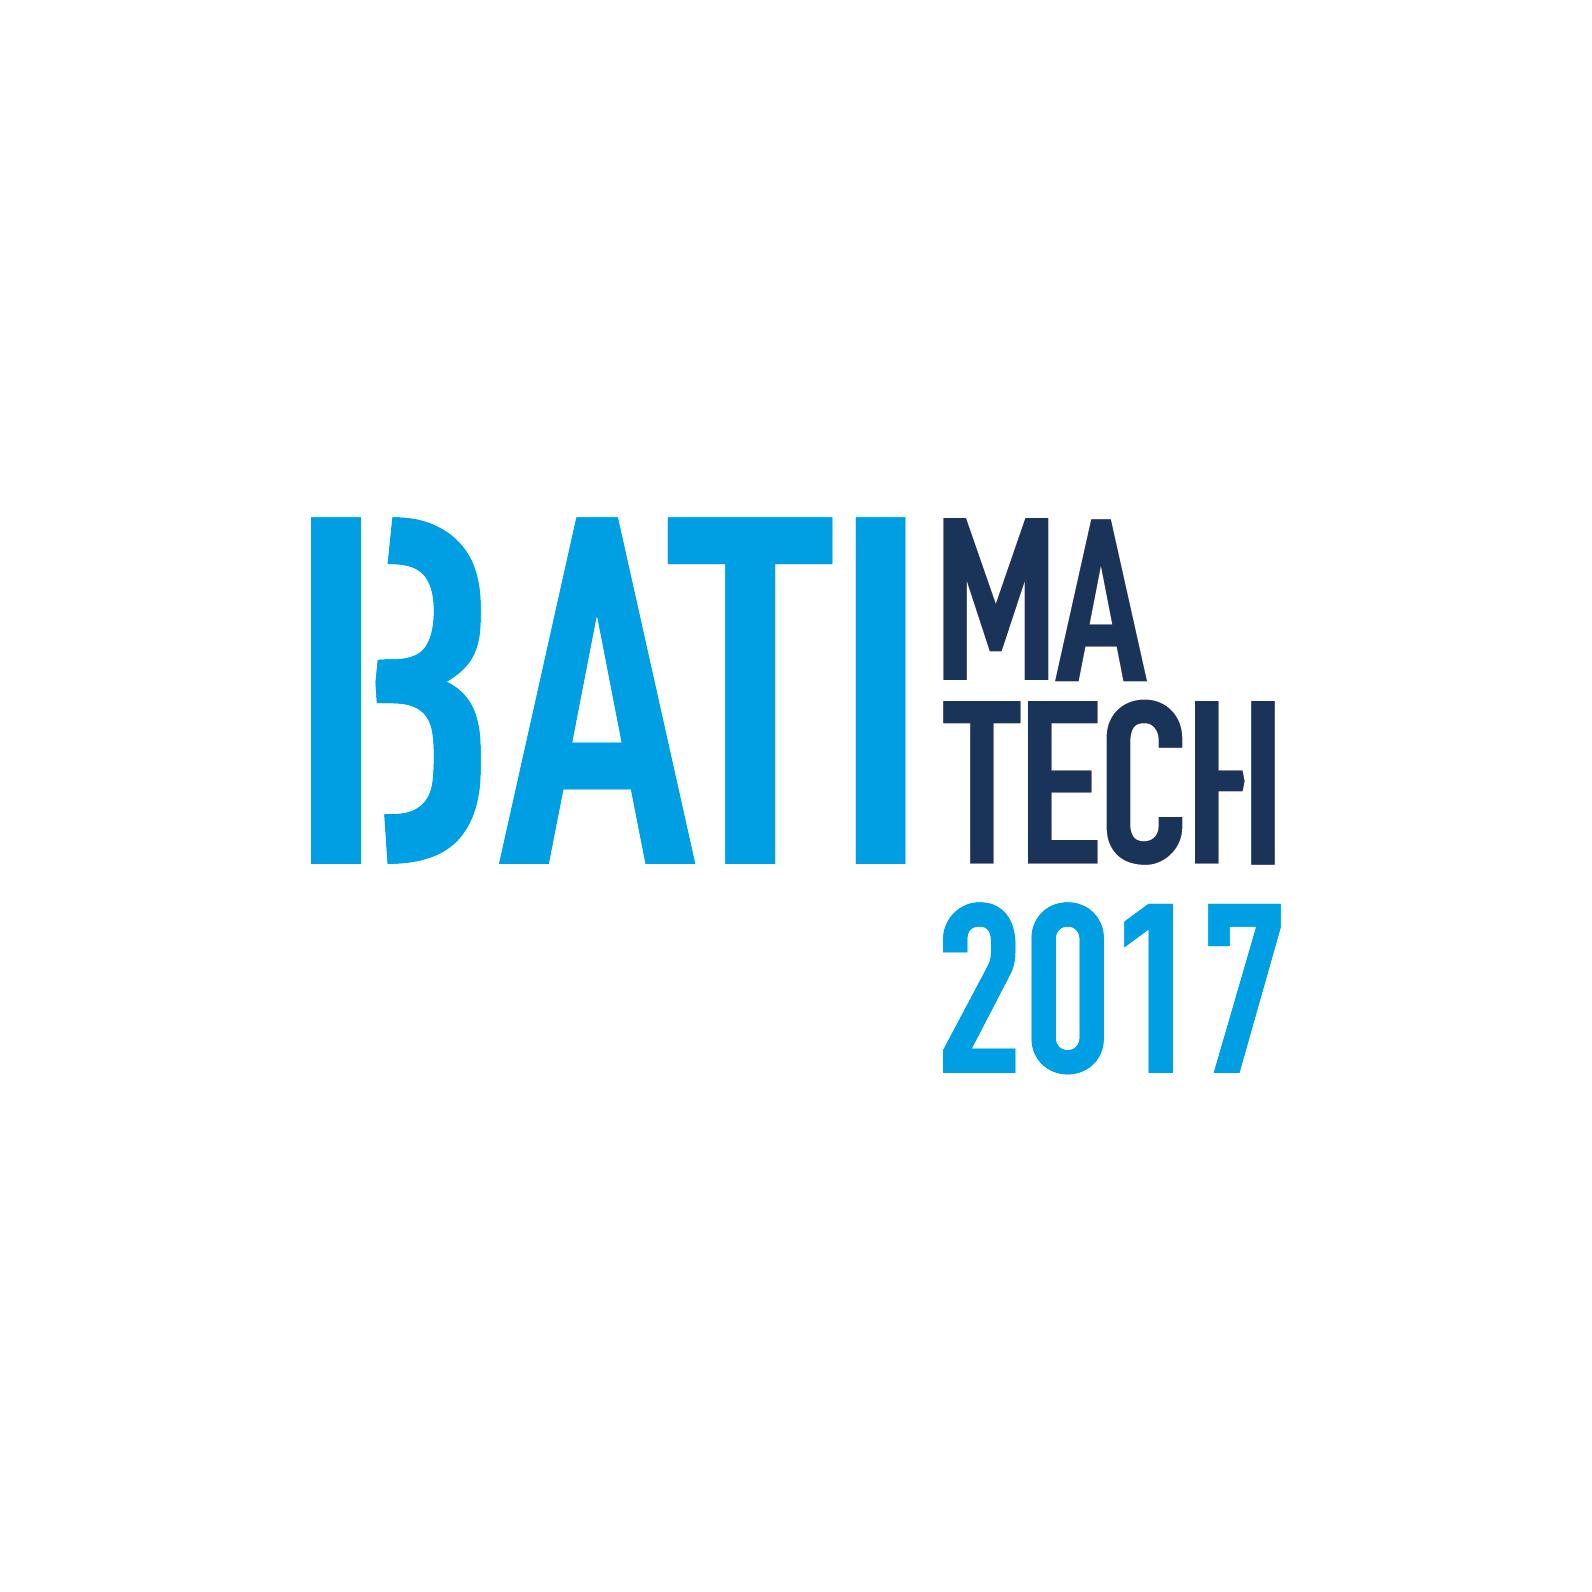 Batimatech 2017